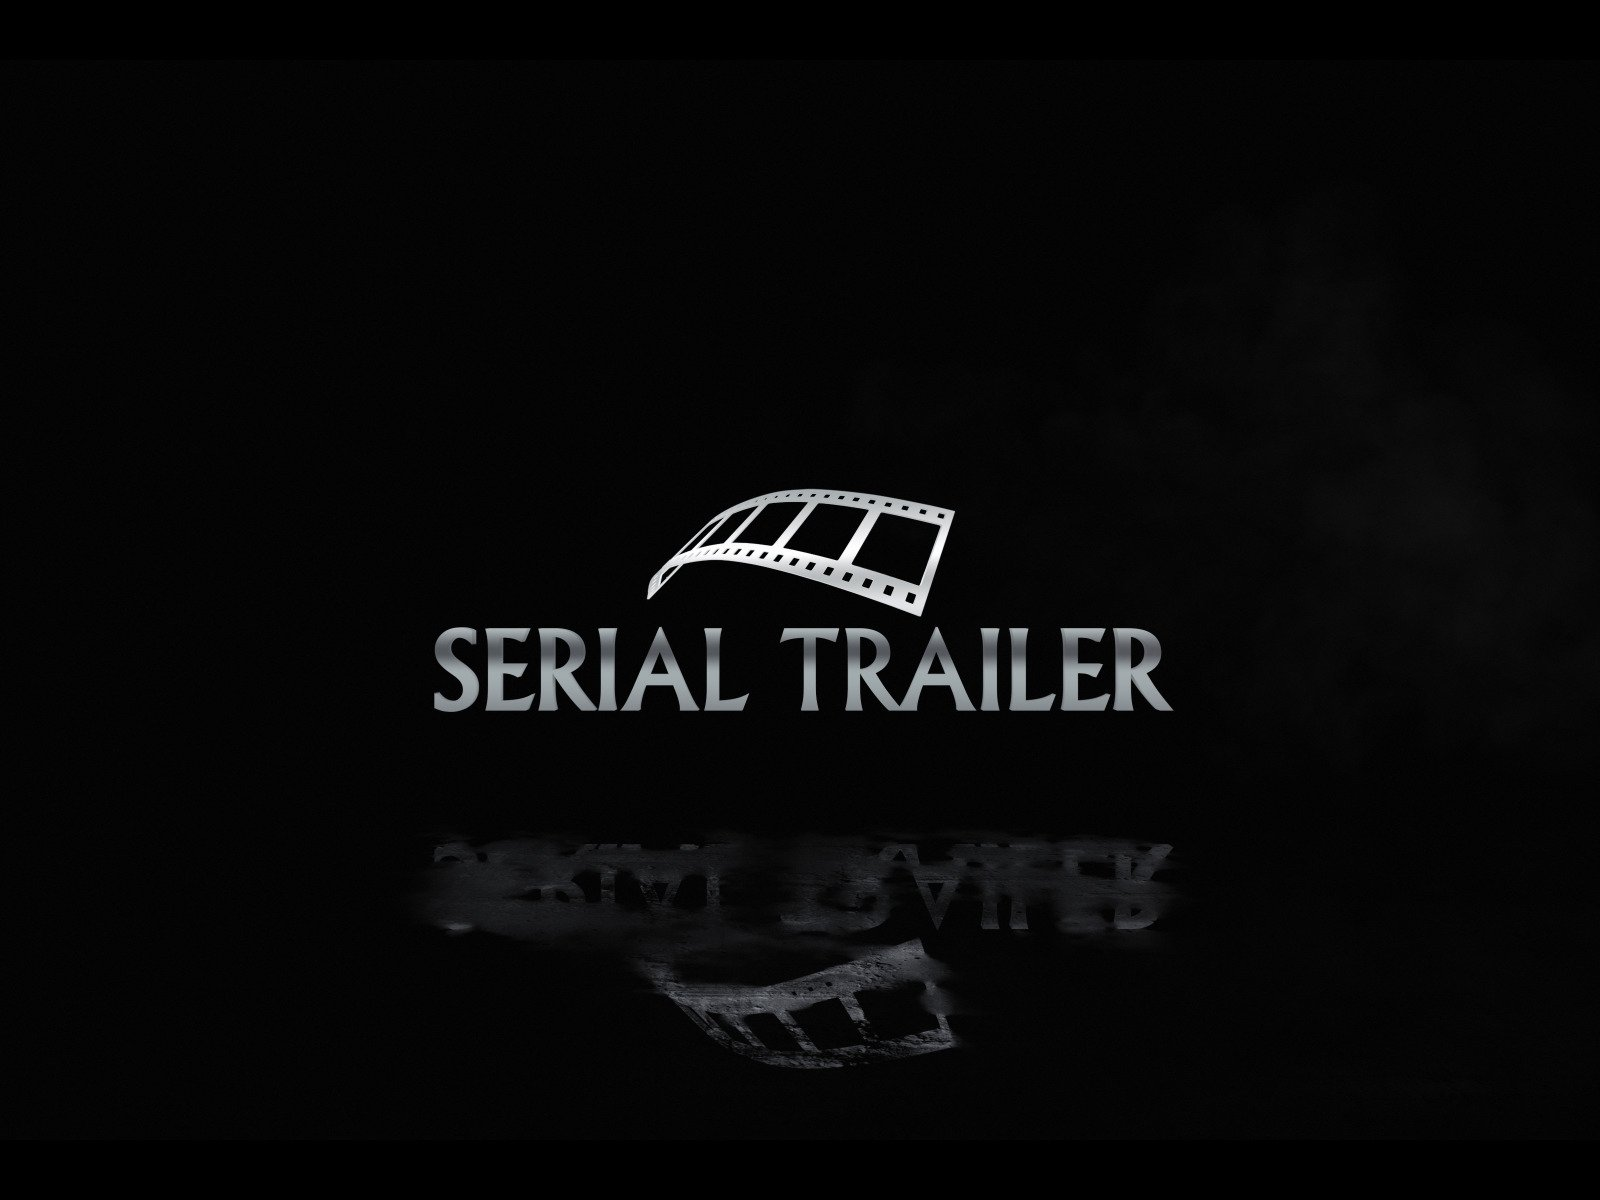 Serial Trailer